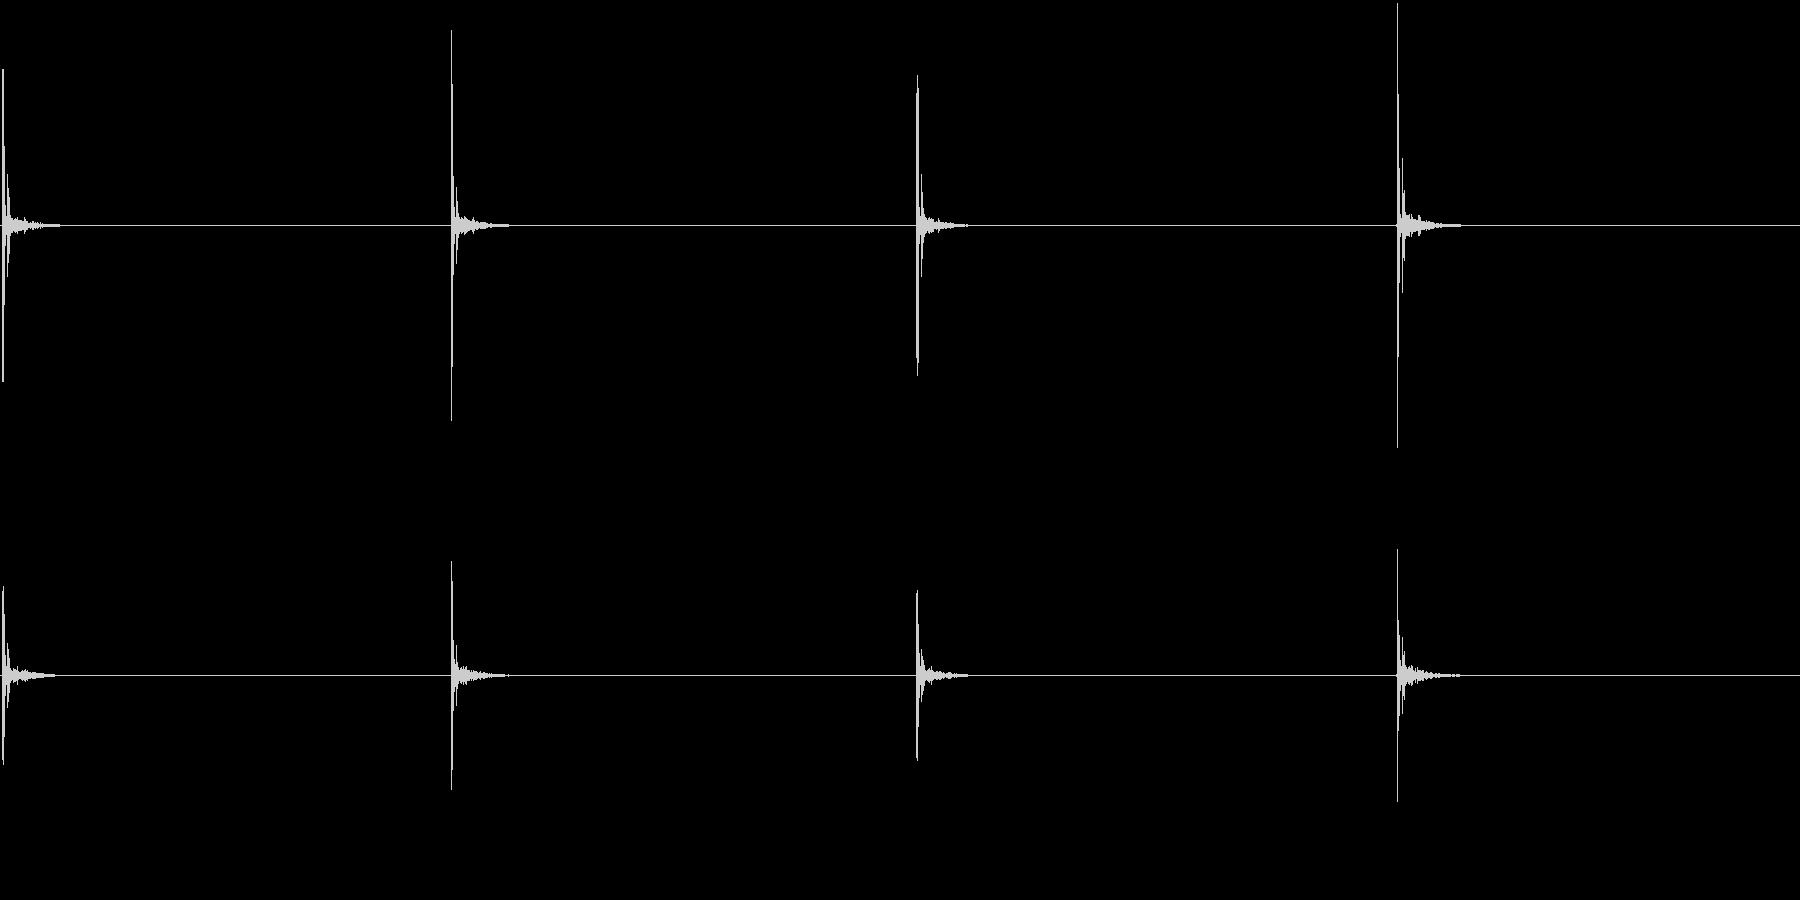 【生録音】お箸の音 5 カツカツと鳴らすの未再生の波形